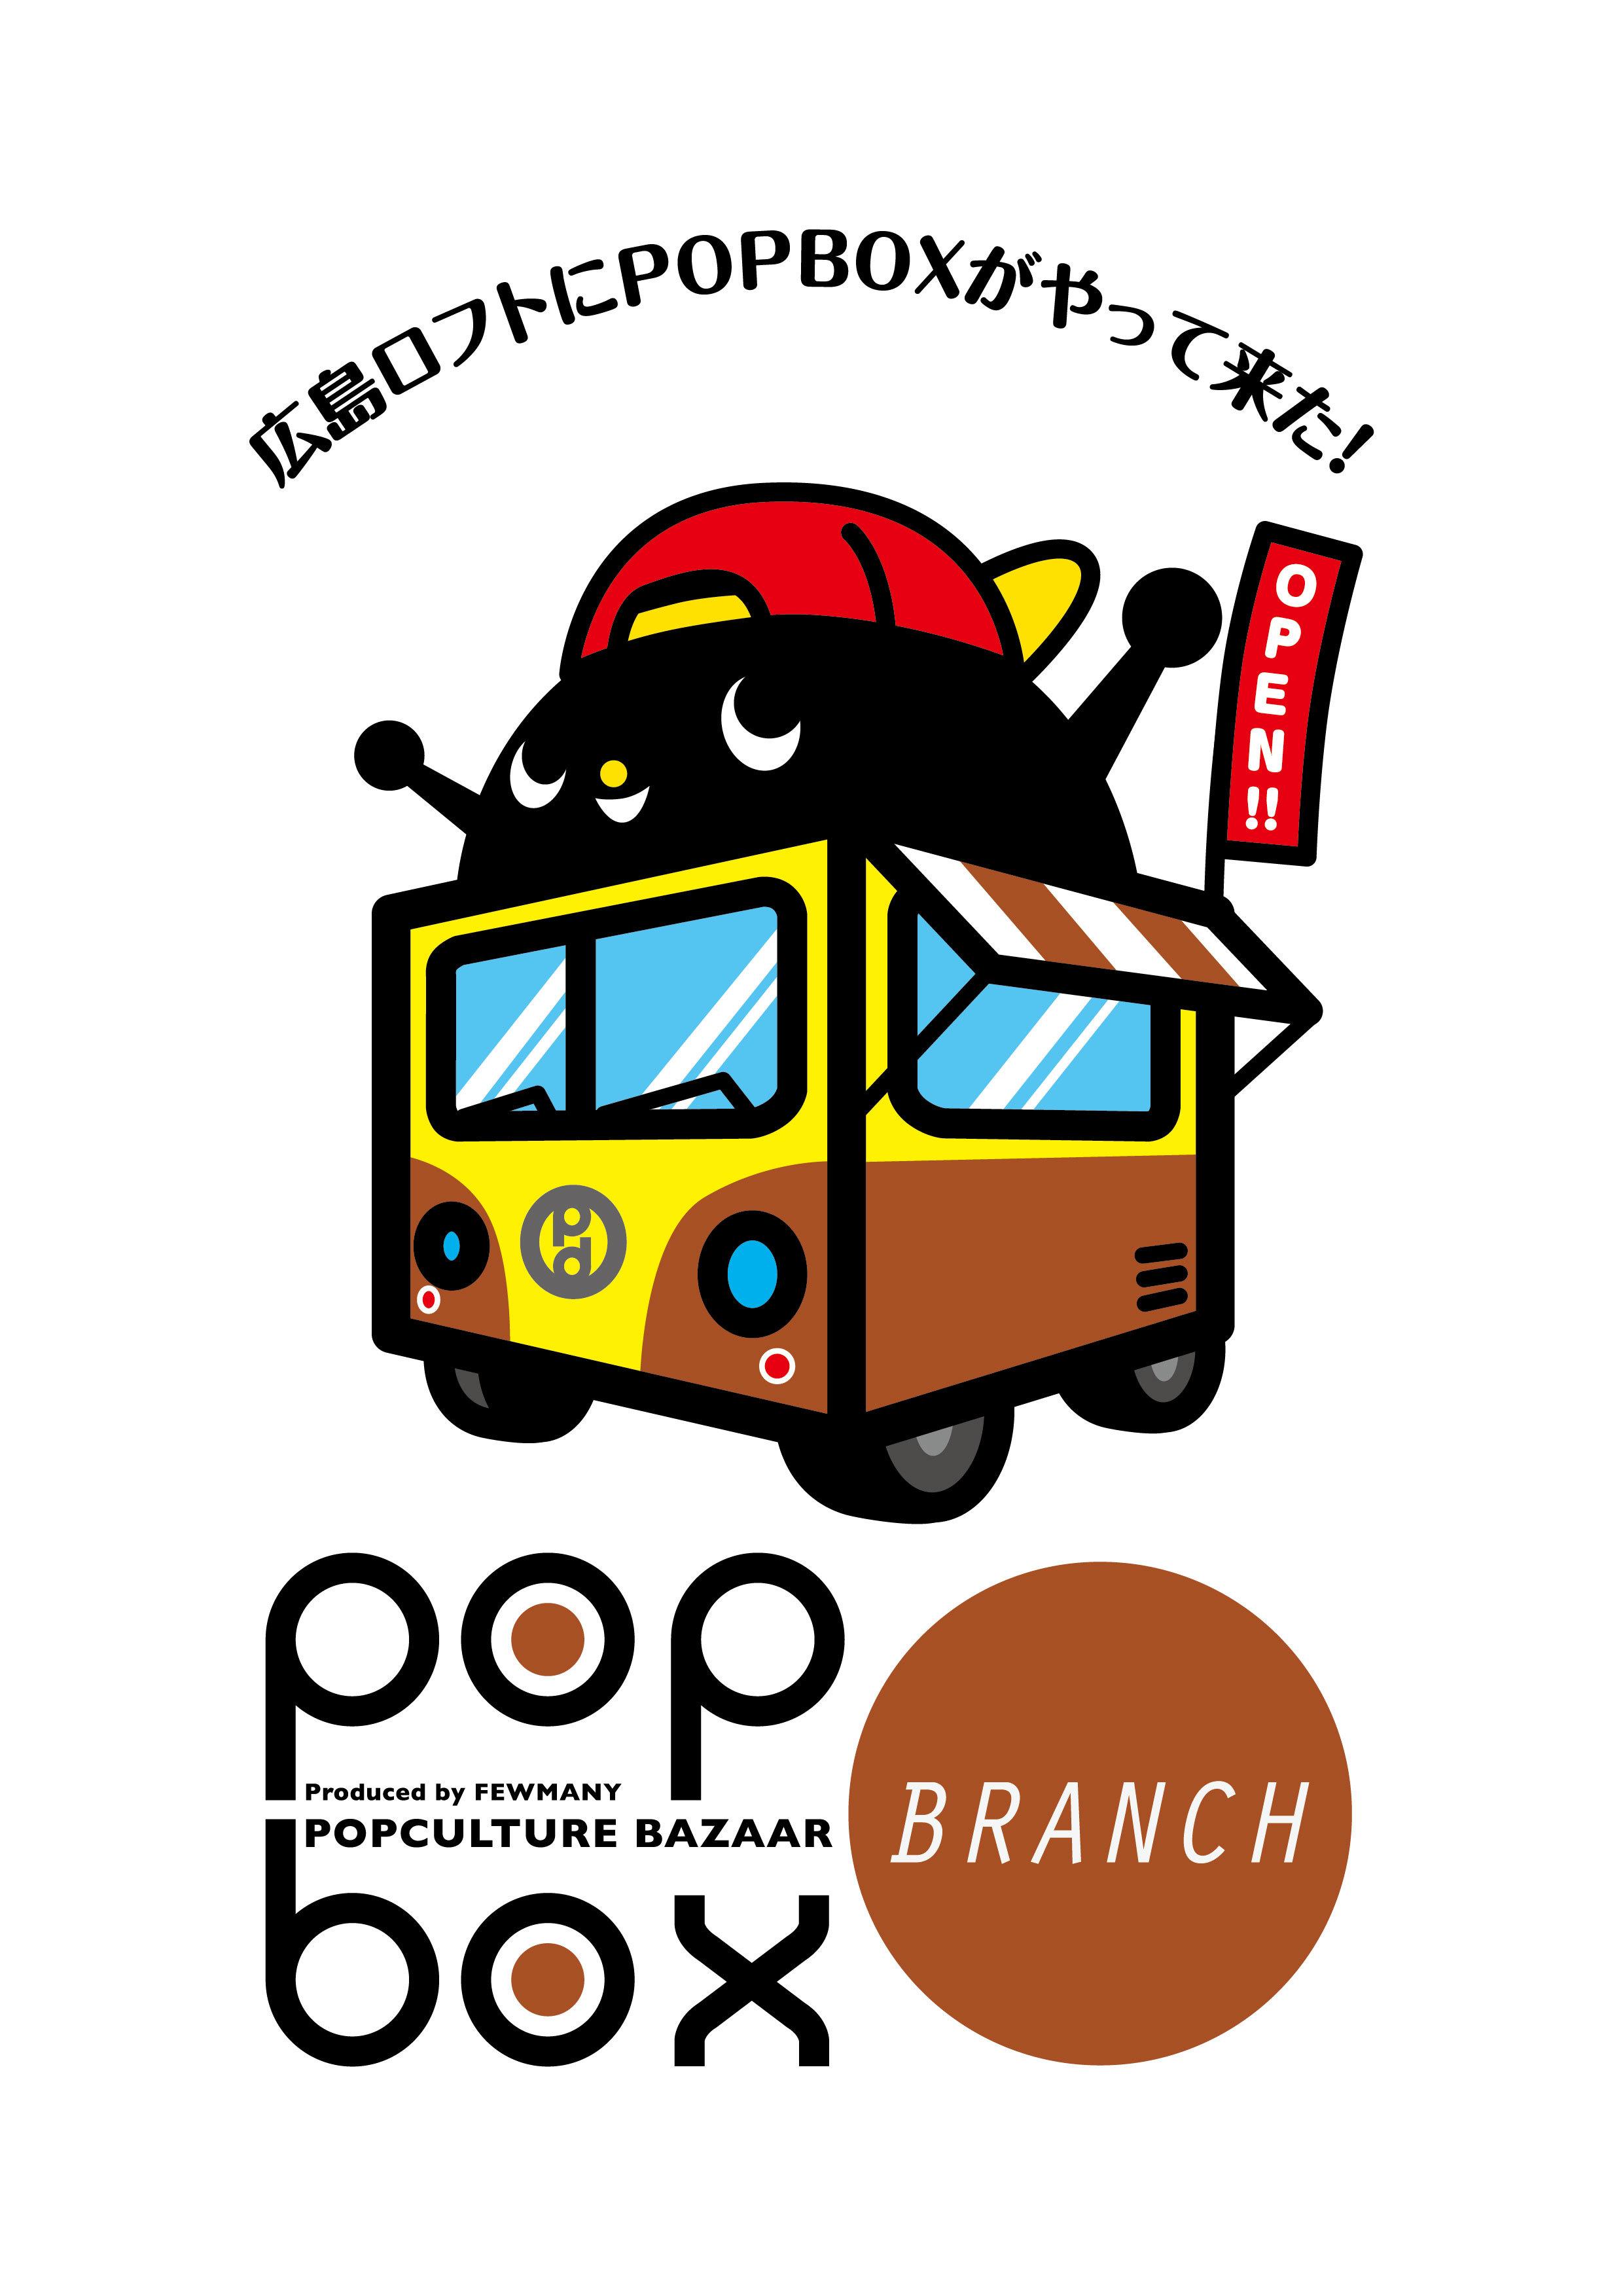 広島ロフトPOPBOX BRANCH開催です!_f0010033_17472490.jpg